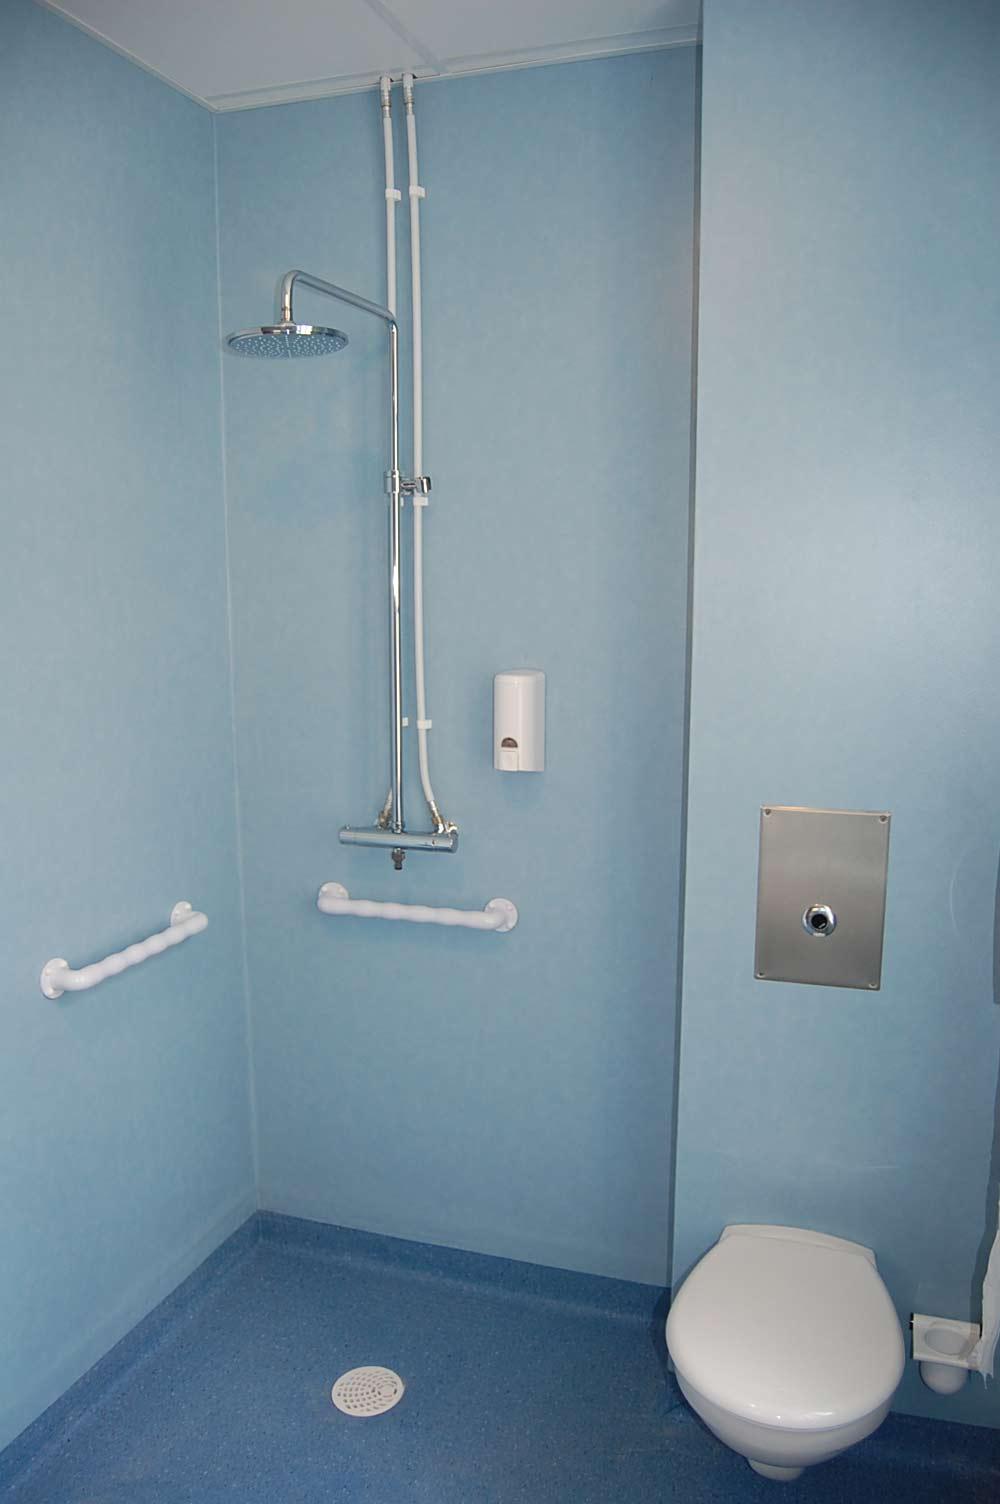 Galerie photos maison de retraite dans la somme - Salle de bain maison de retraite ...